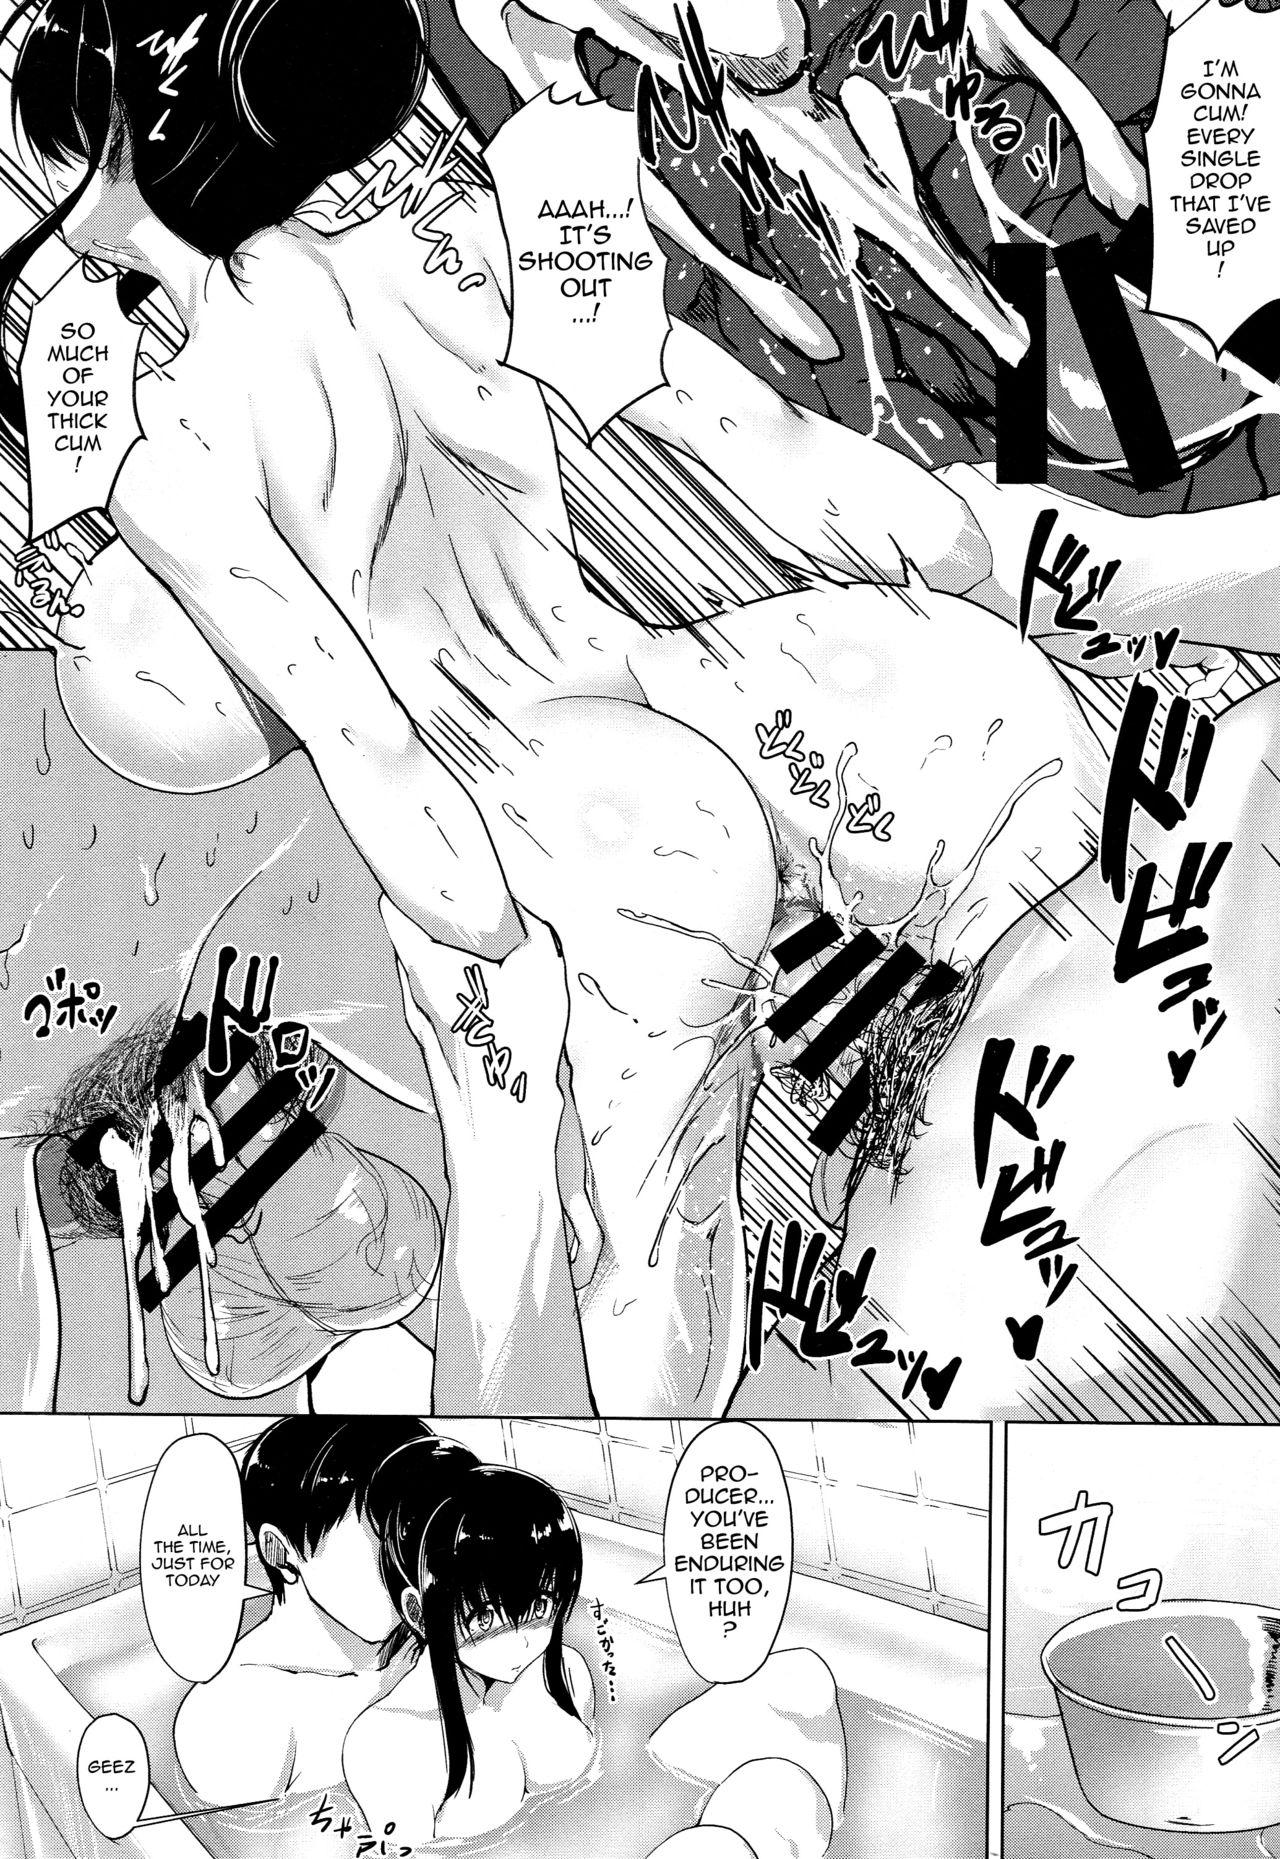 Konna ni mo Itooshii 2 9